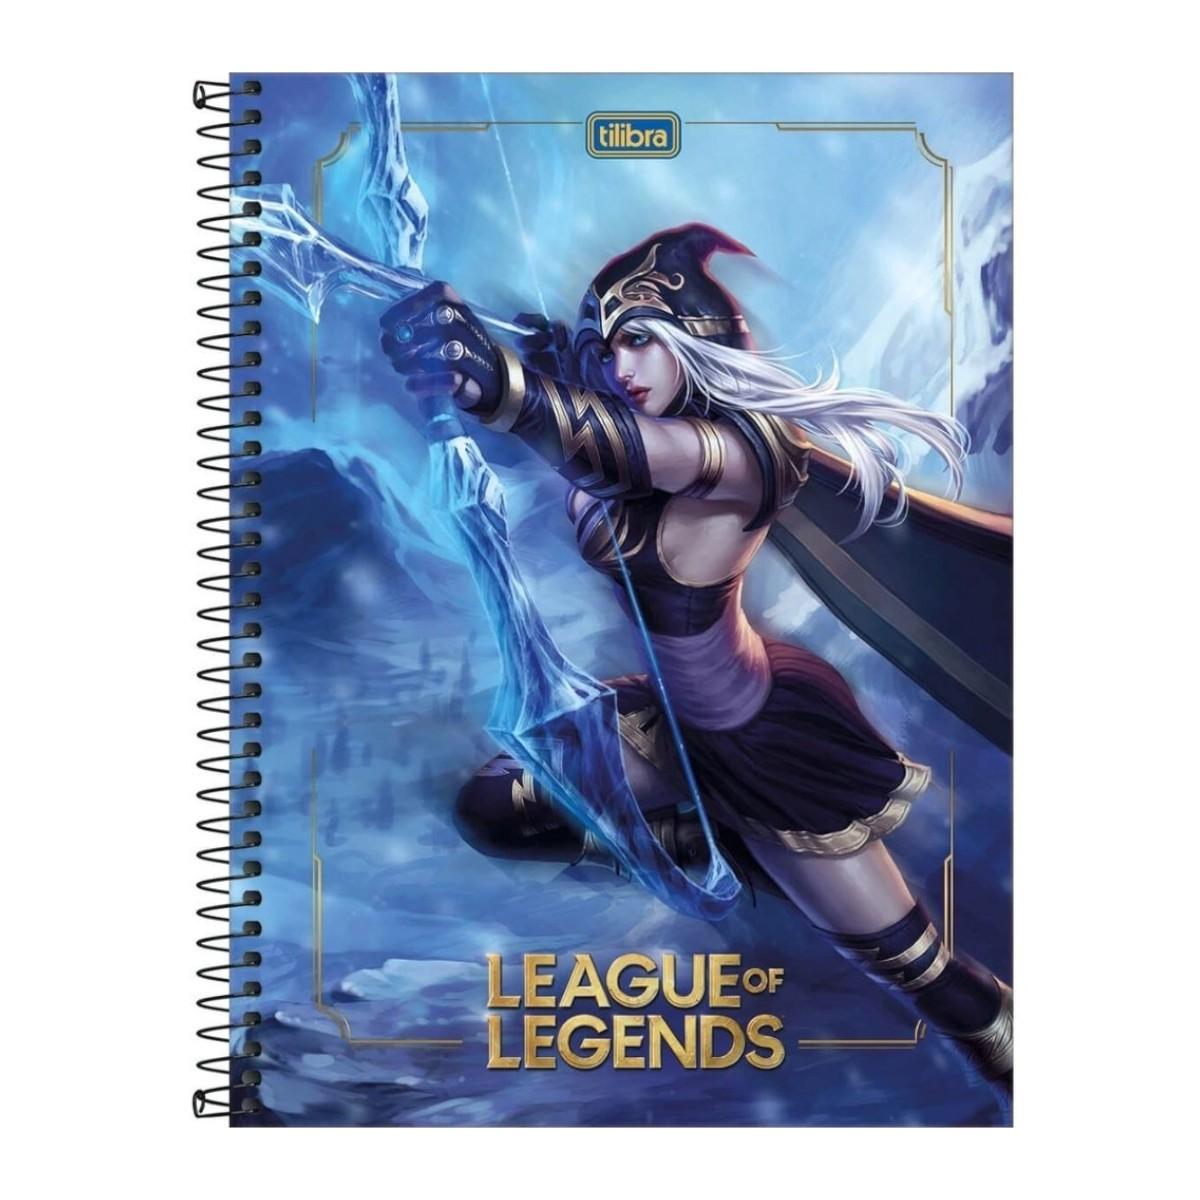 Caderno Escolar League of Legends 16 Matérias 256 Folhas Tilibra